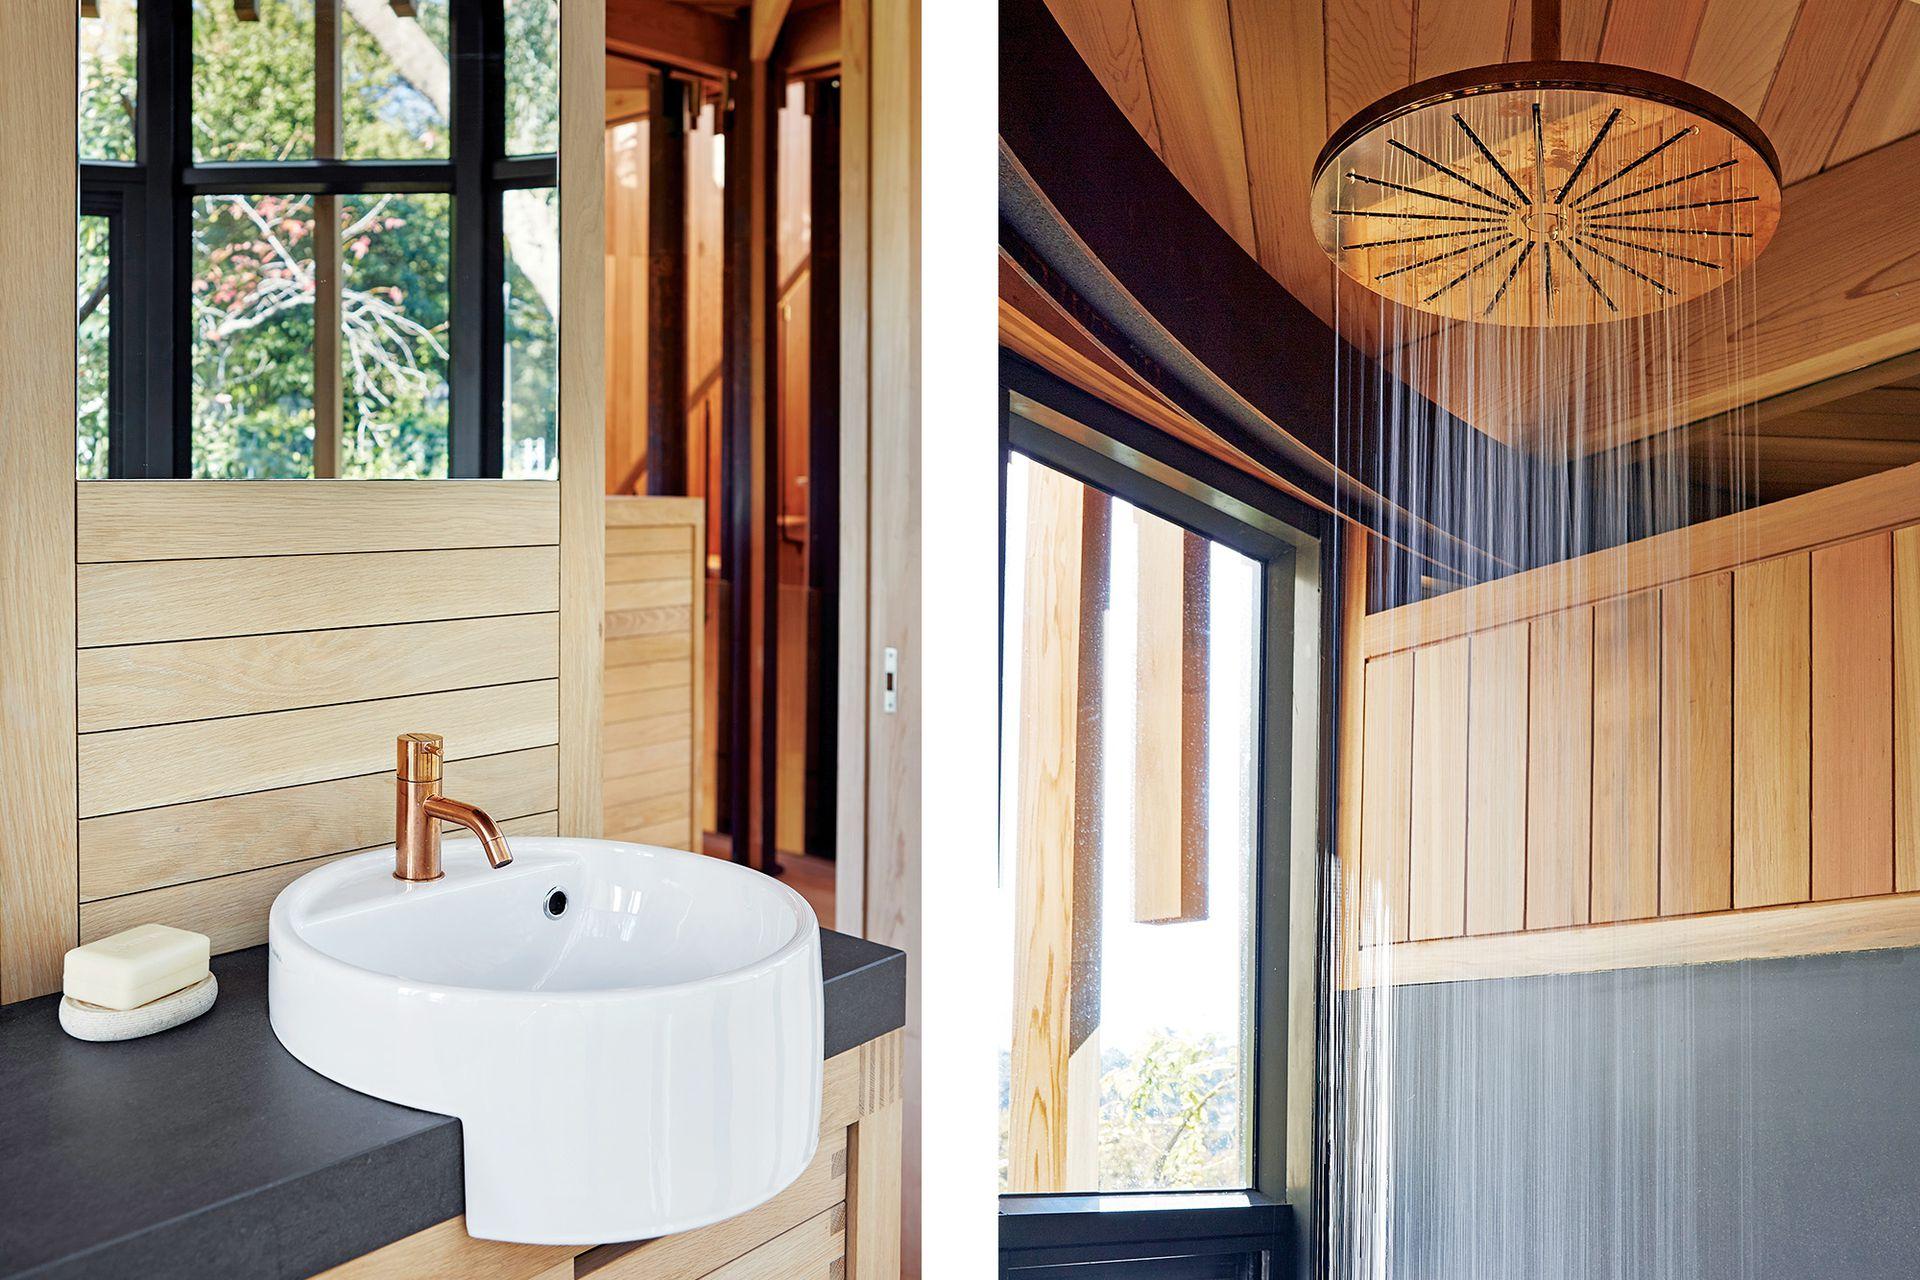 El amoblamiento del baño sigue la línea del dormitorio.